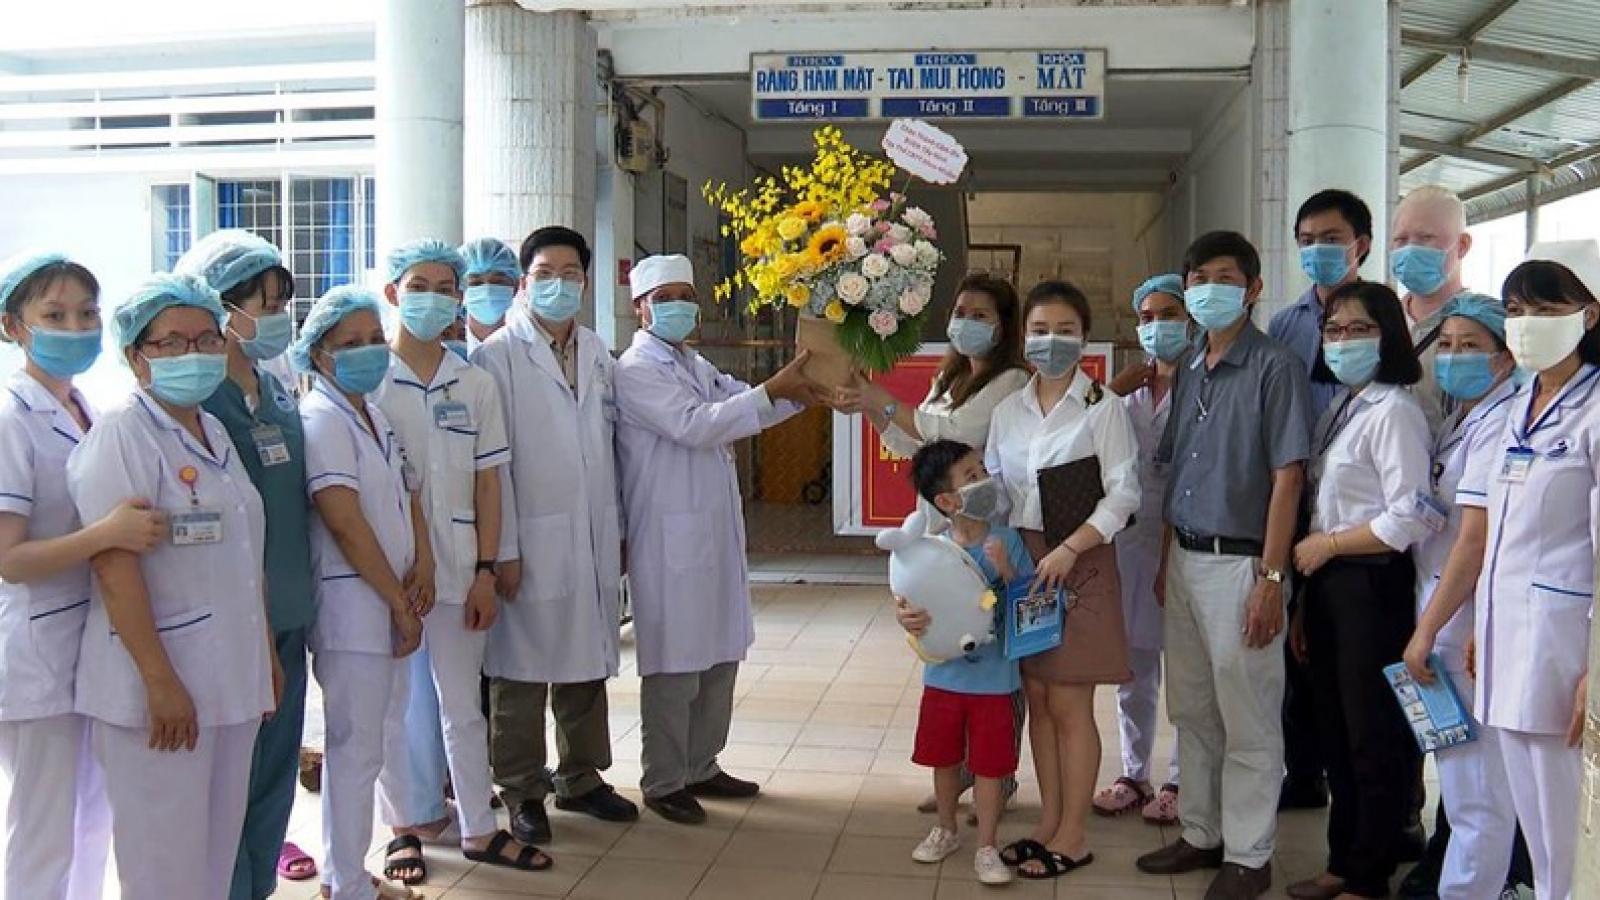 Bé trai 6 tuổi - bệnh nhân mắc Covid-19 thứ 252 được xuất viện